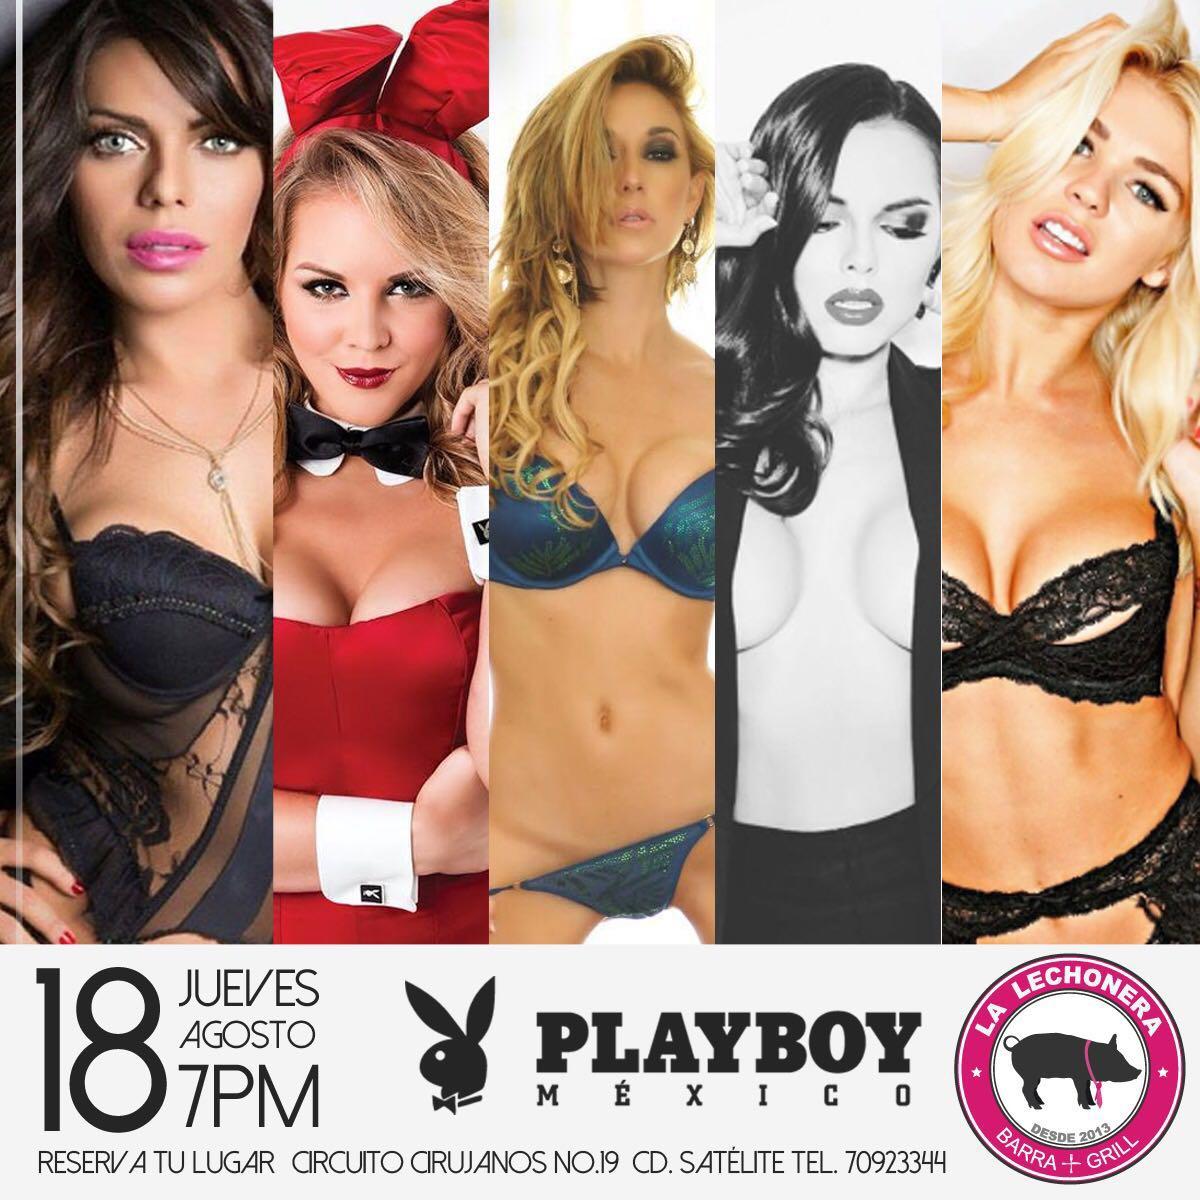 RT @PlayboyMX: Descubre cómo podrás cenar con nuestras hermosas #playmates en @lalechoneramx #PlayboyMX #restaurant #models https://t.co/Z8…